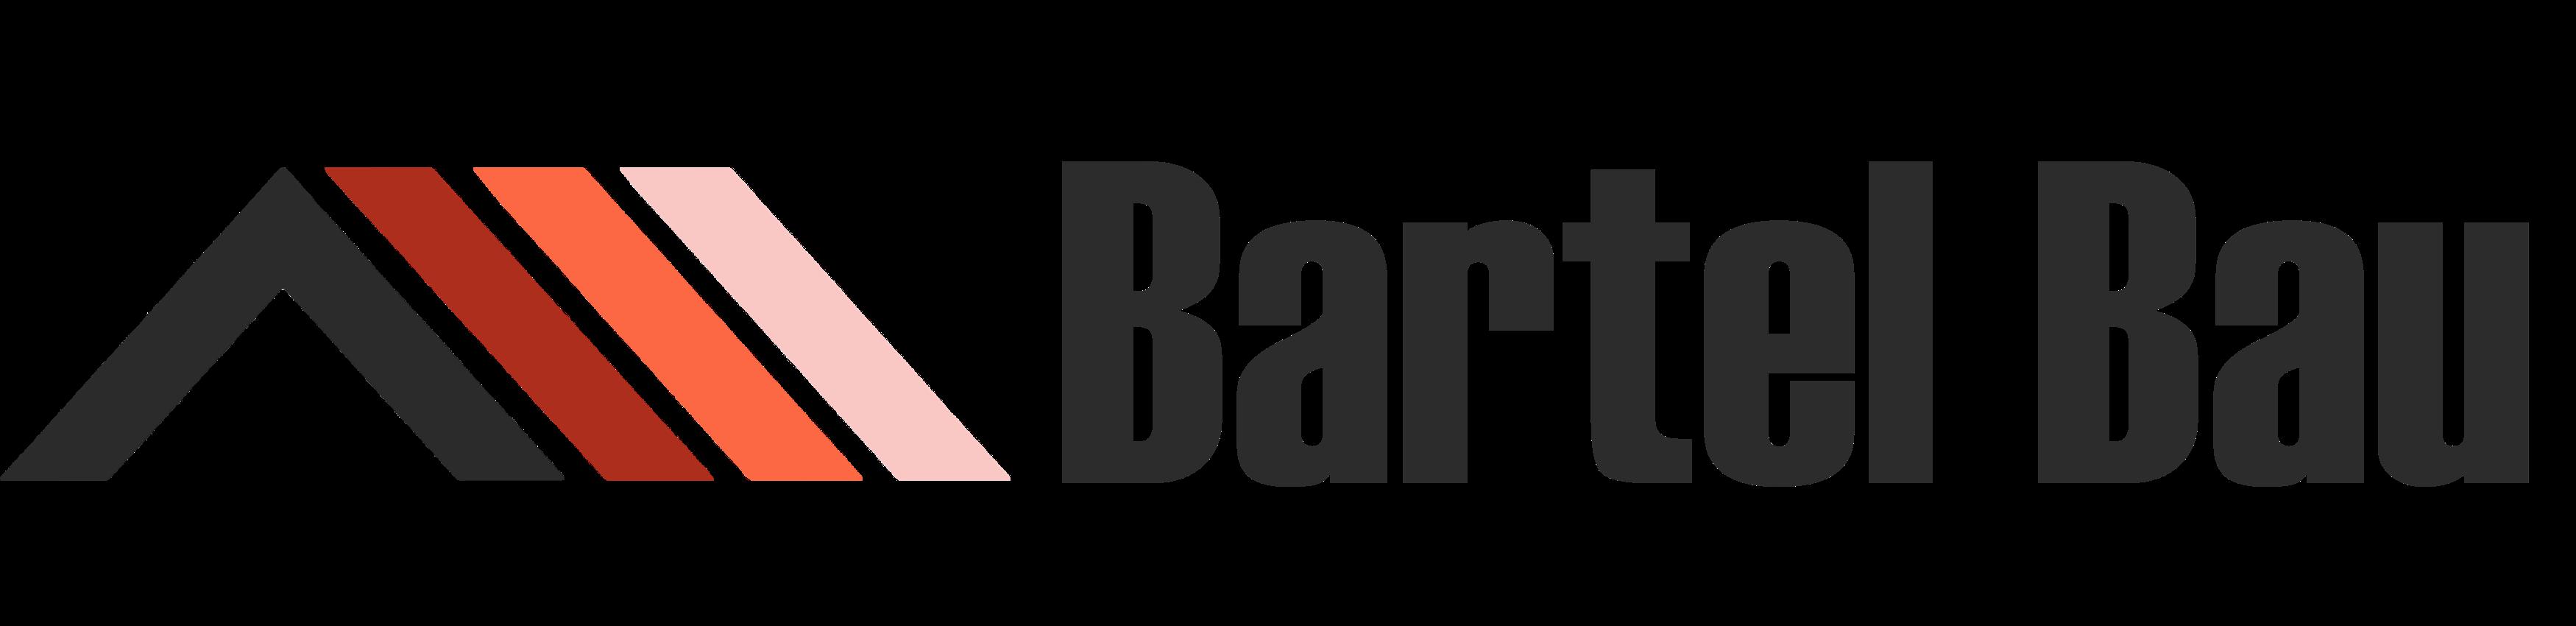 Bartel Bau